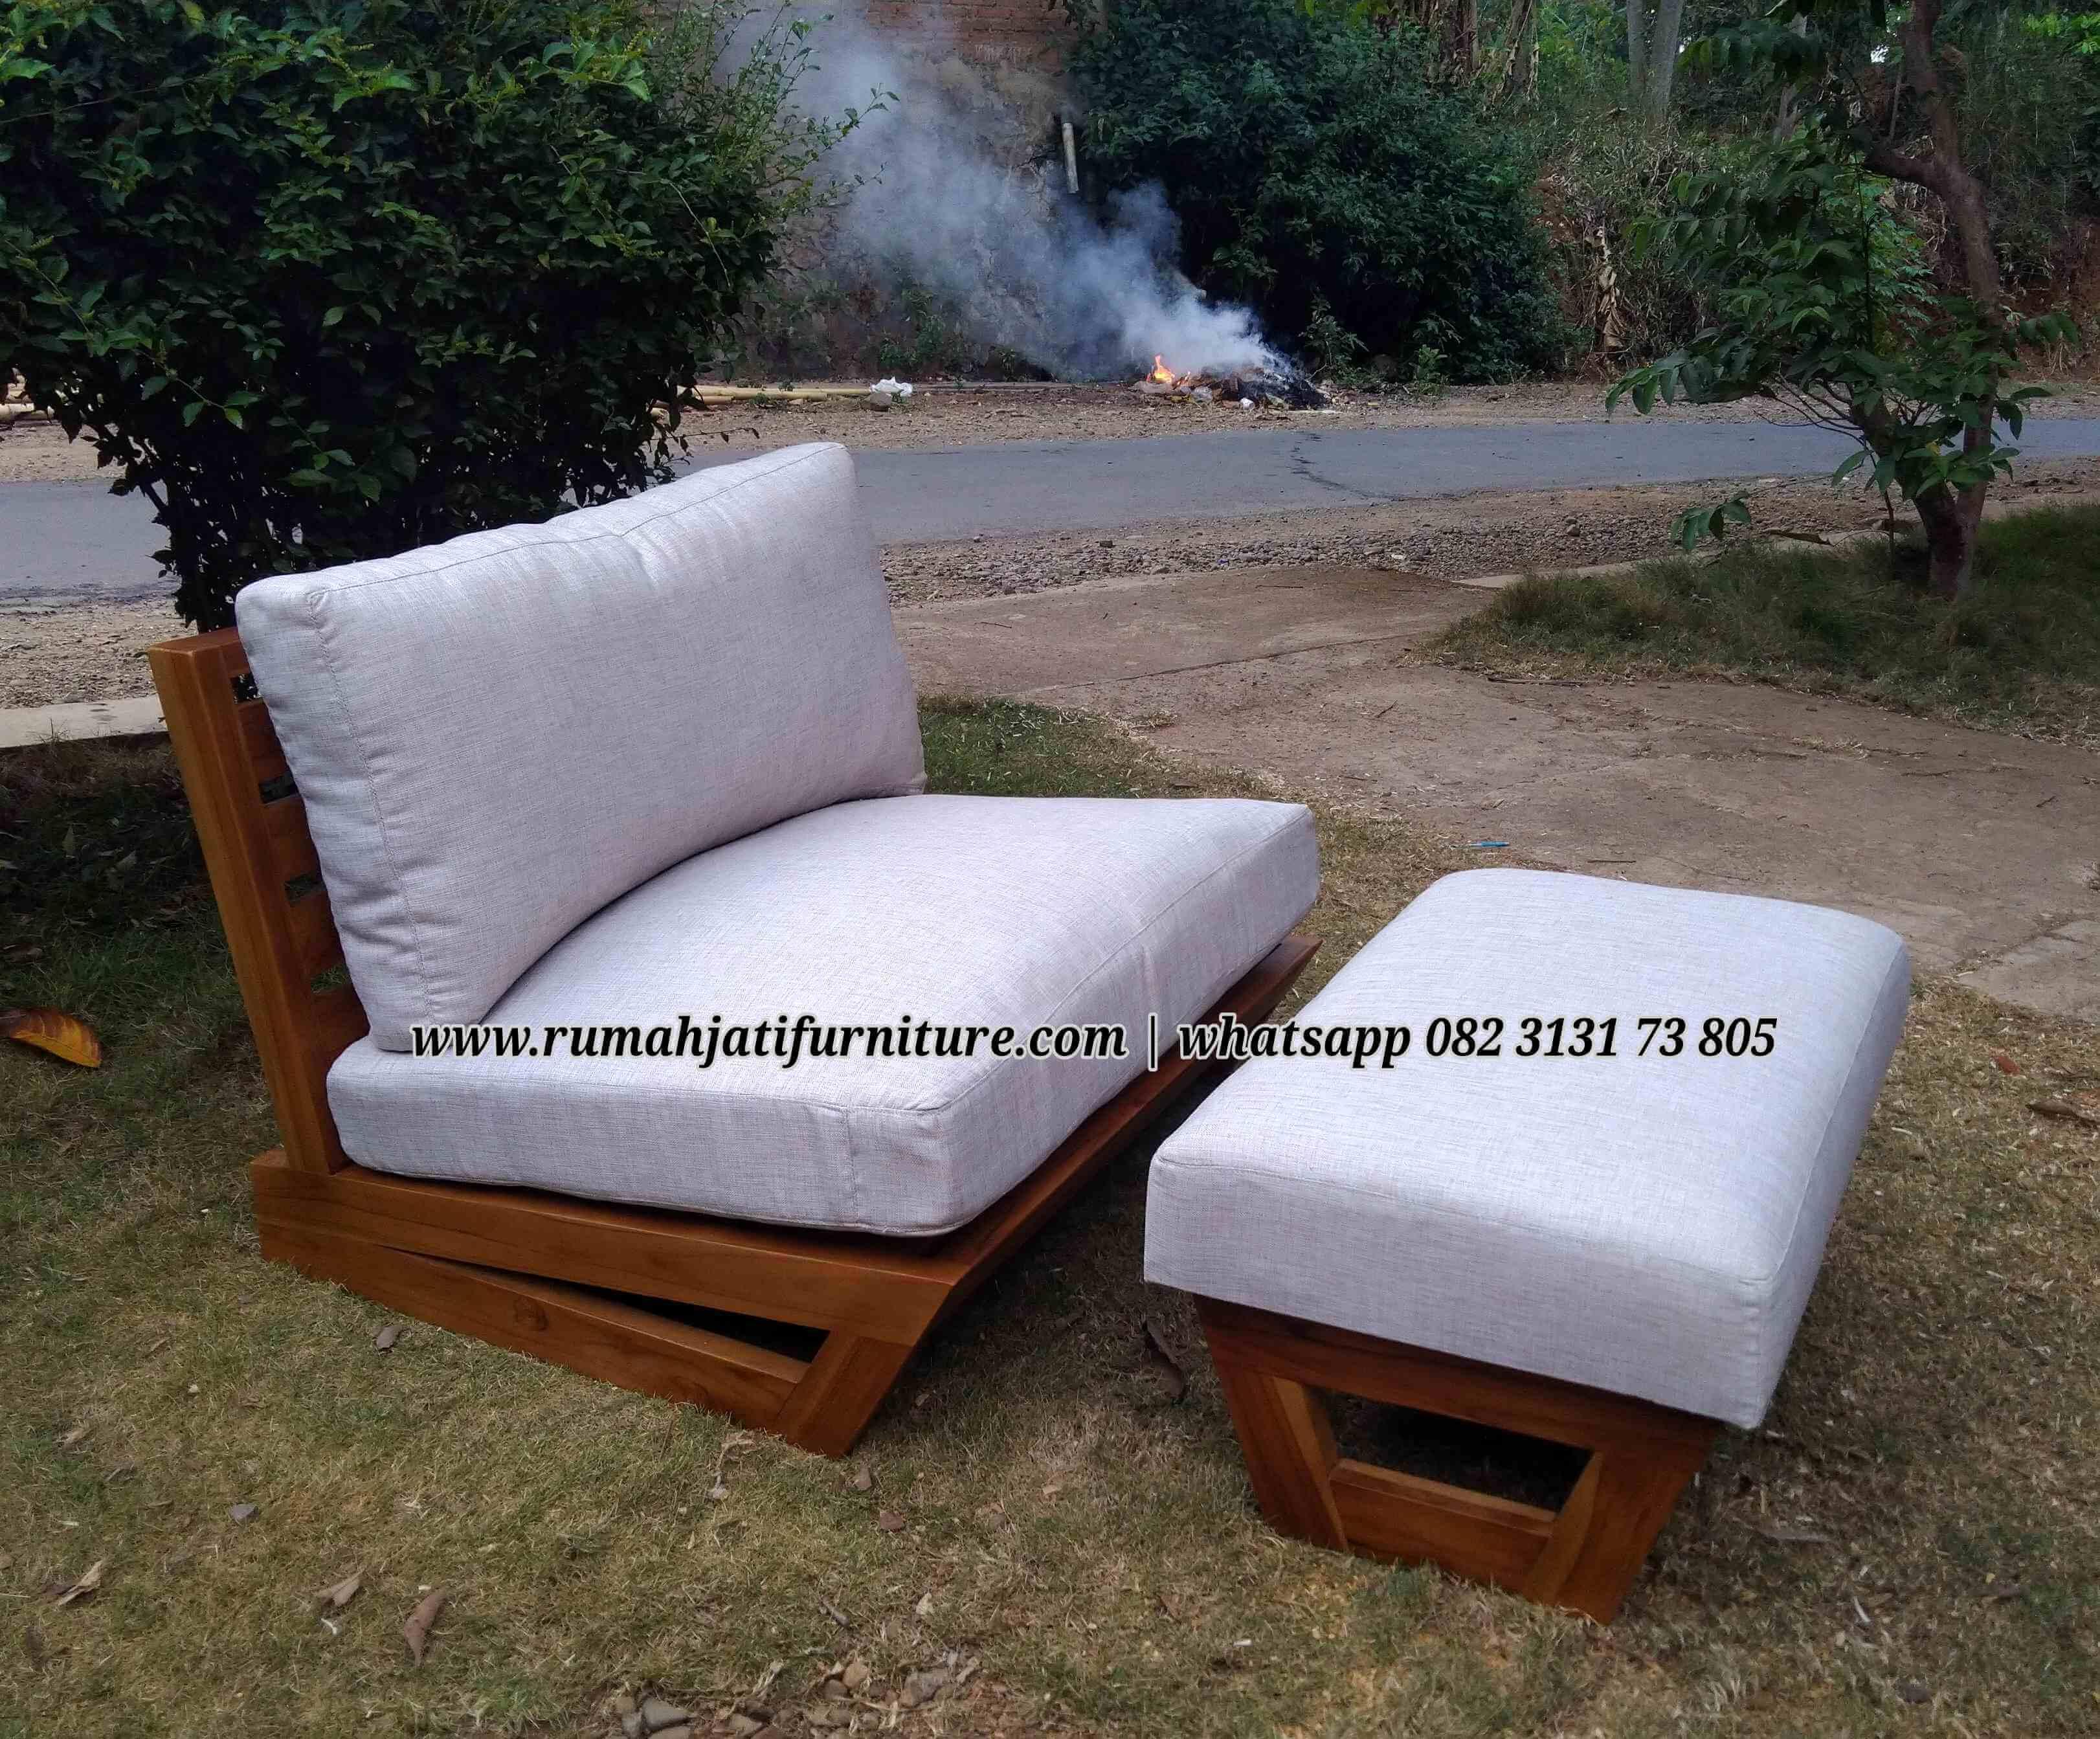 Gambar Sofa Amchair Lesehan Ala Jepang | Rumah Jati Furniture